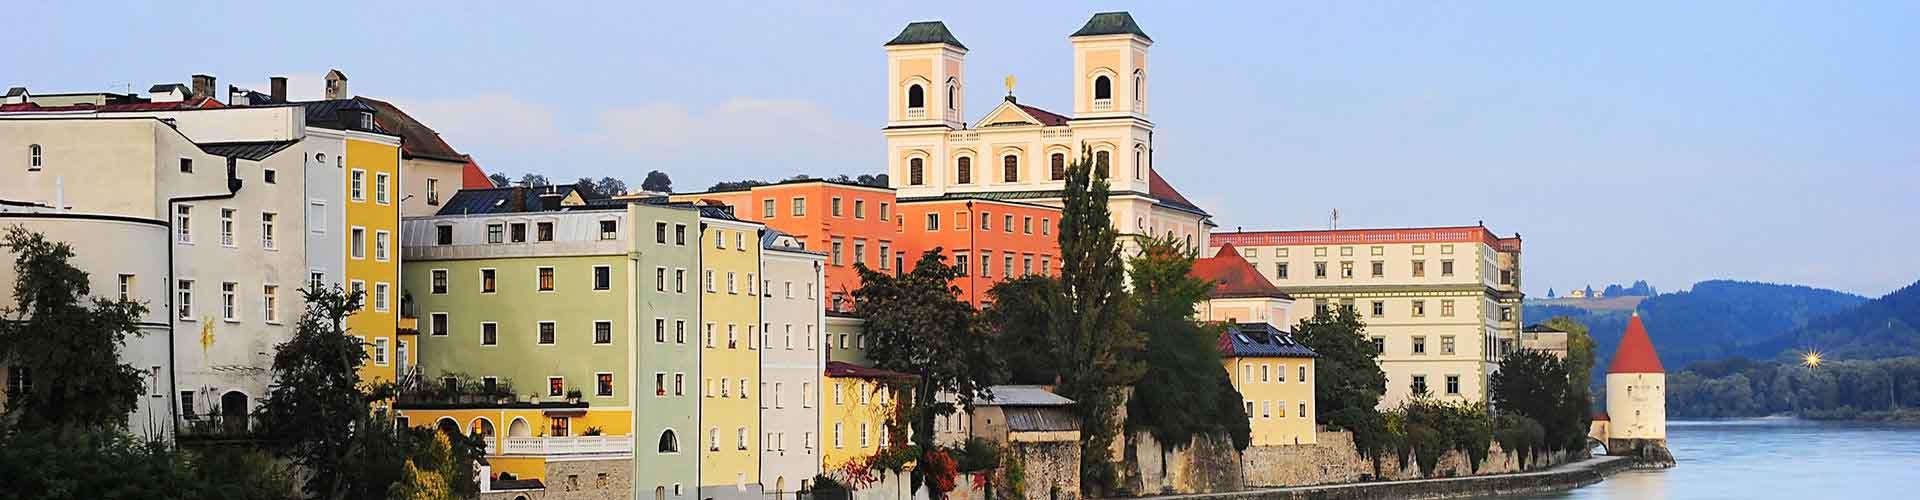 Regensburg - Appartments à Regensburg. Cartes pour Regensburg, photos et commentaires pour chaque appartement à Regensburg.